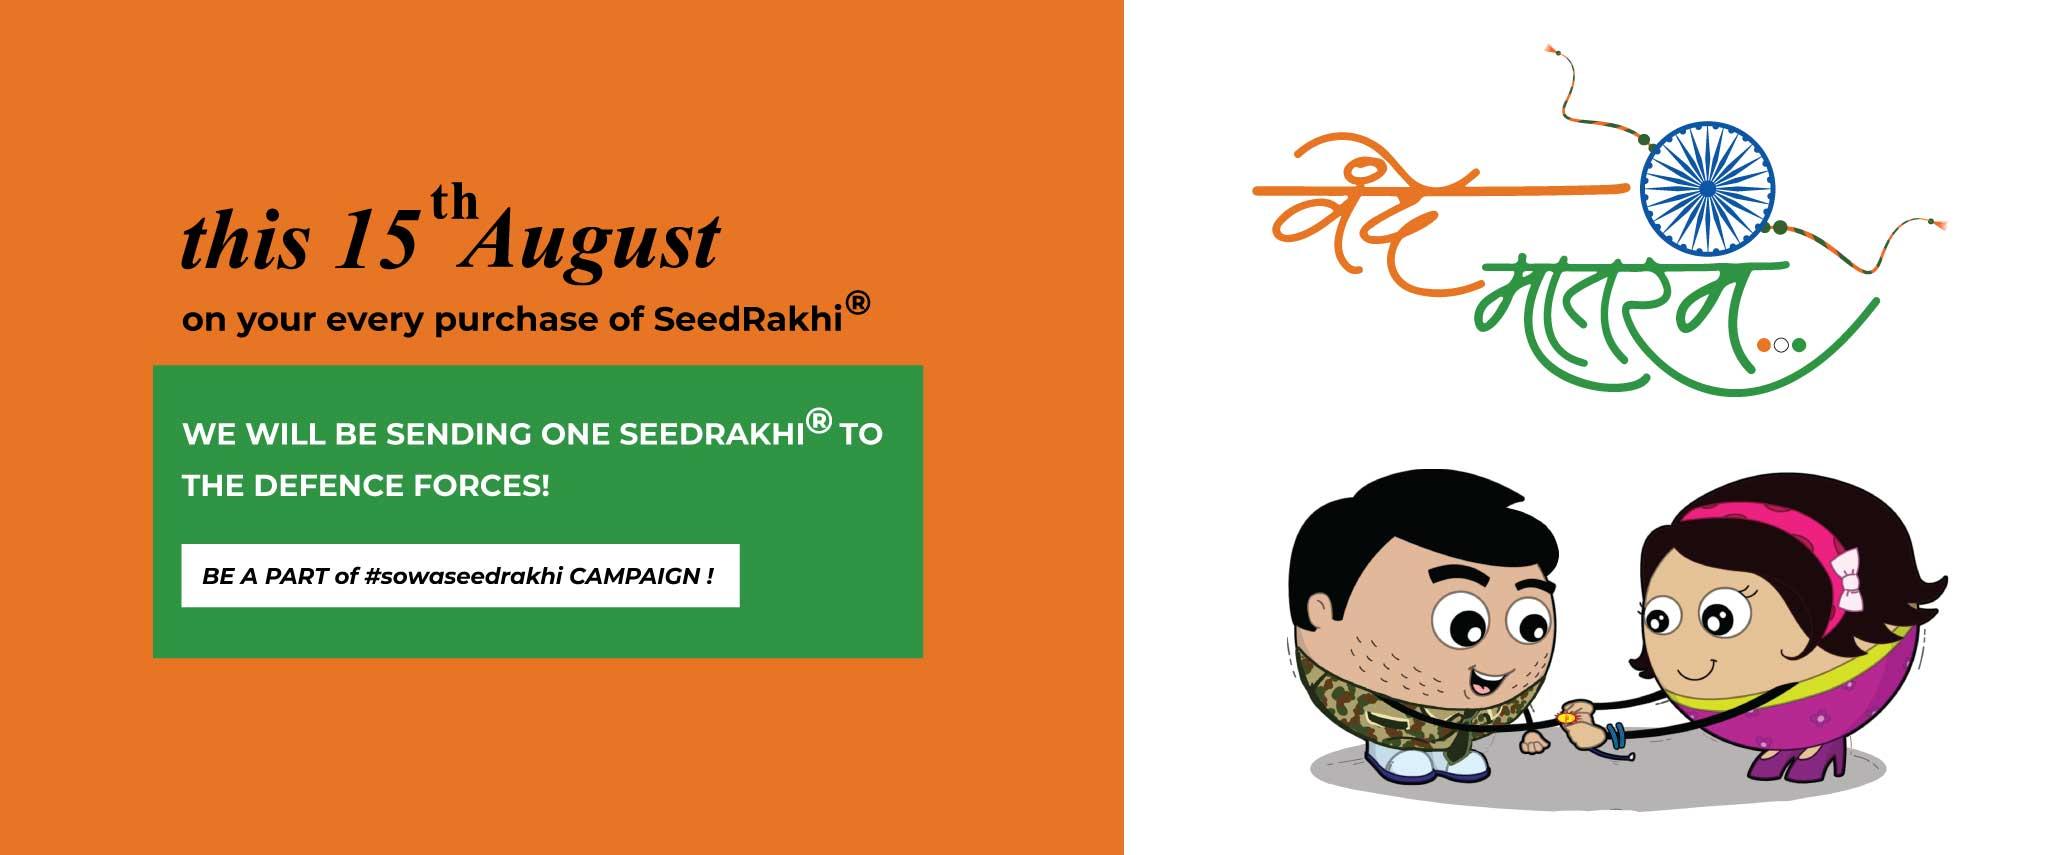 seed-rakhi-banner-14